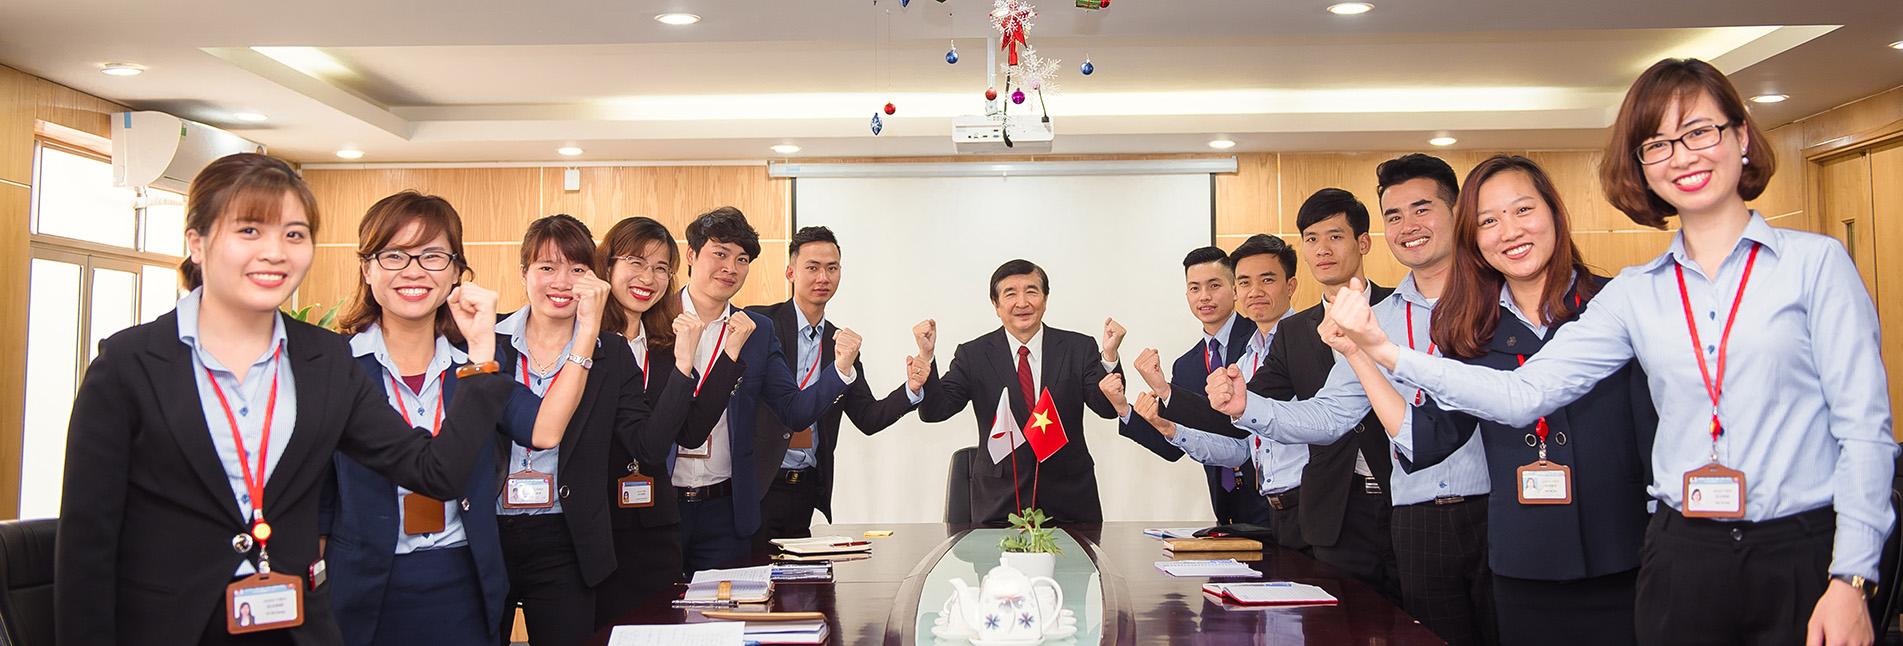 Tuyển dụng 30 cán bộ tuyển nguồn lao động Nhật Bản quý III/2020